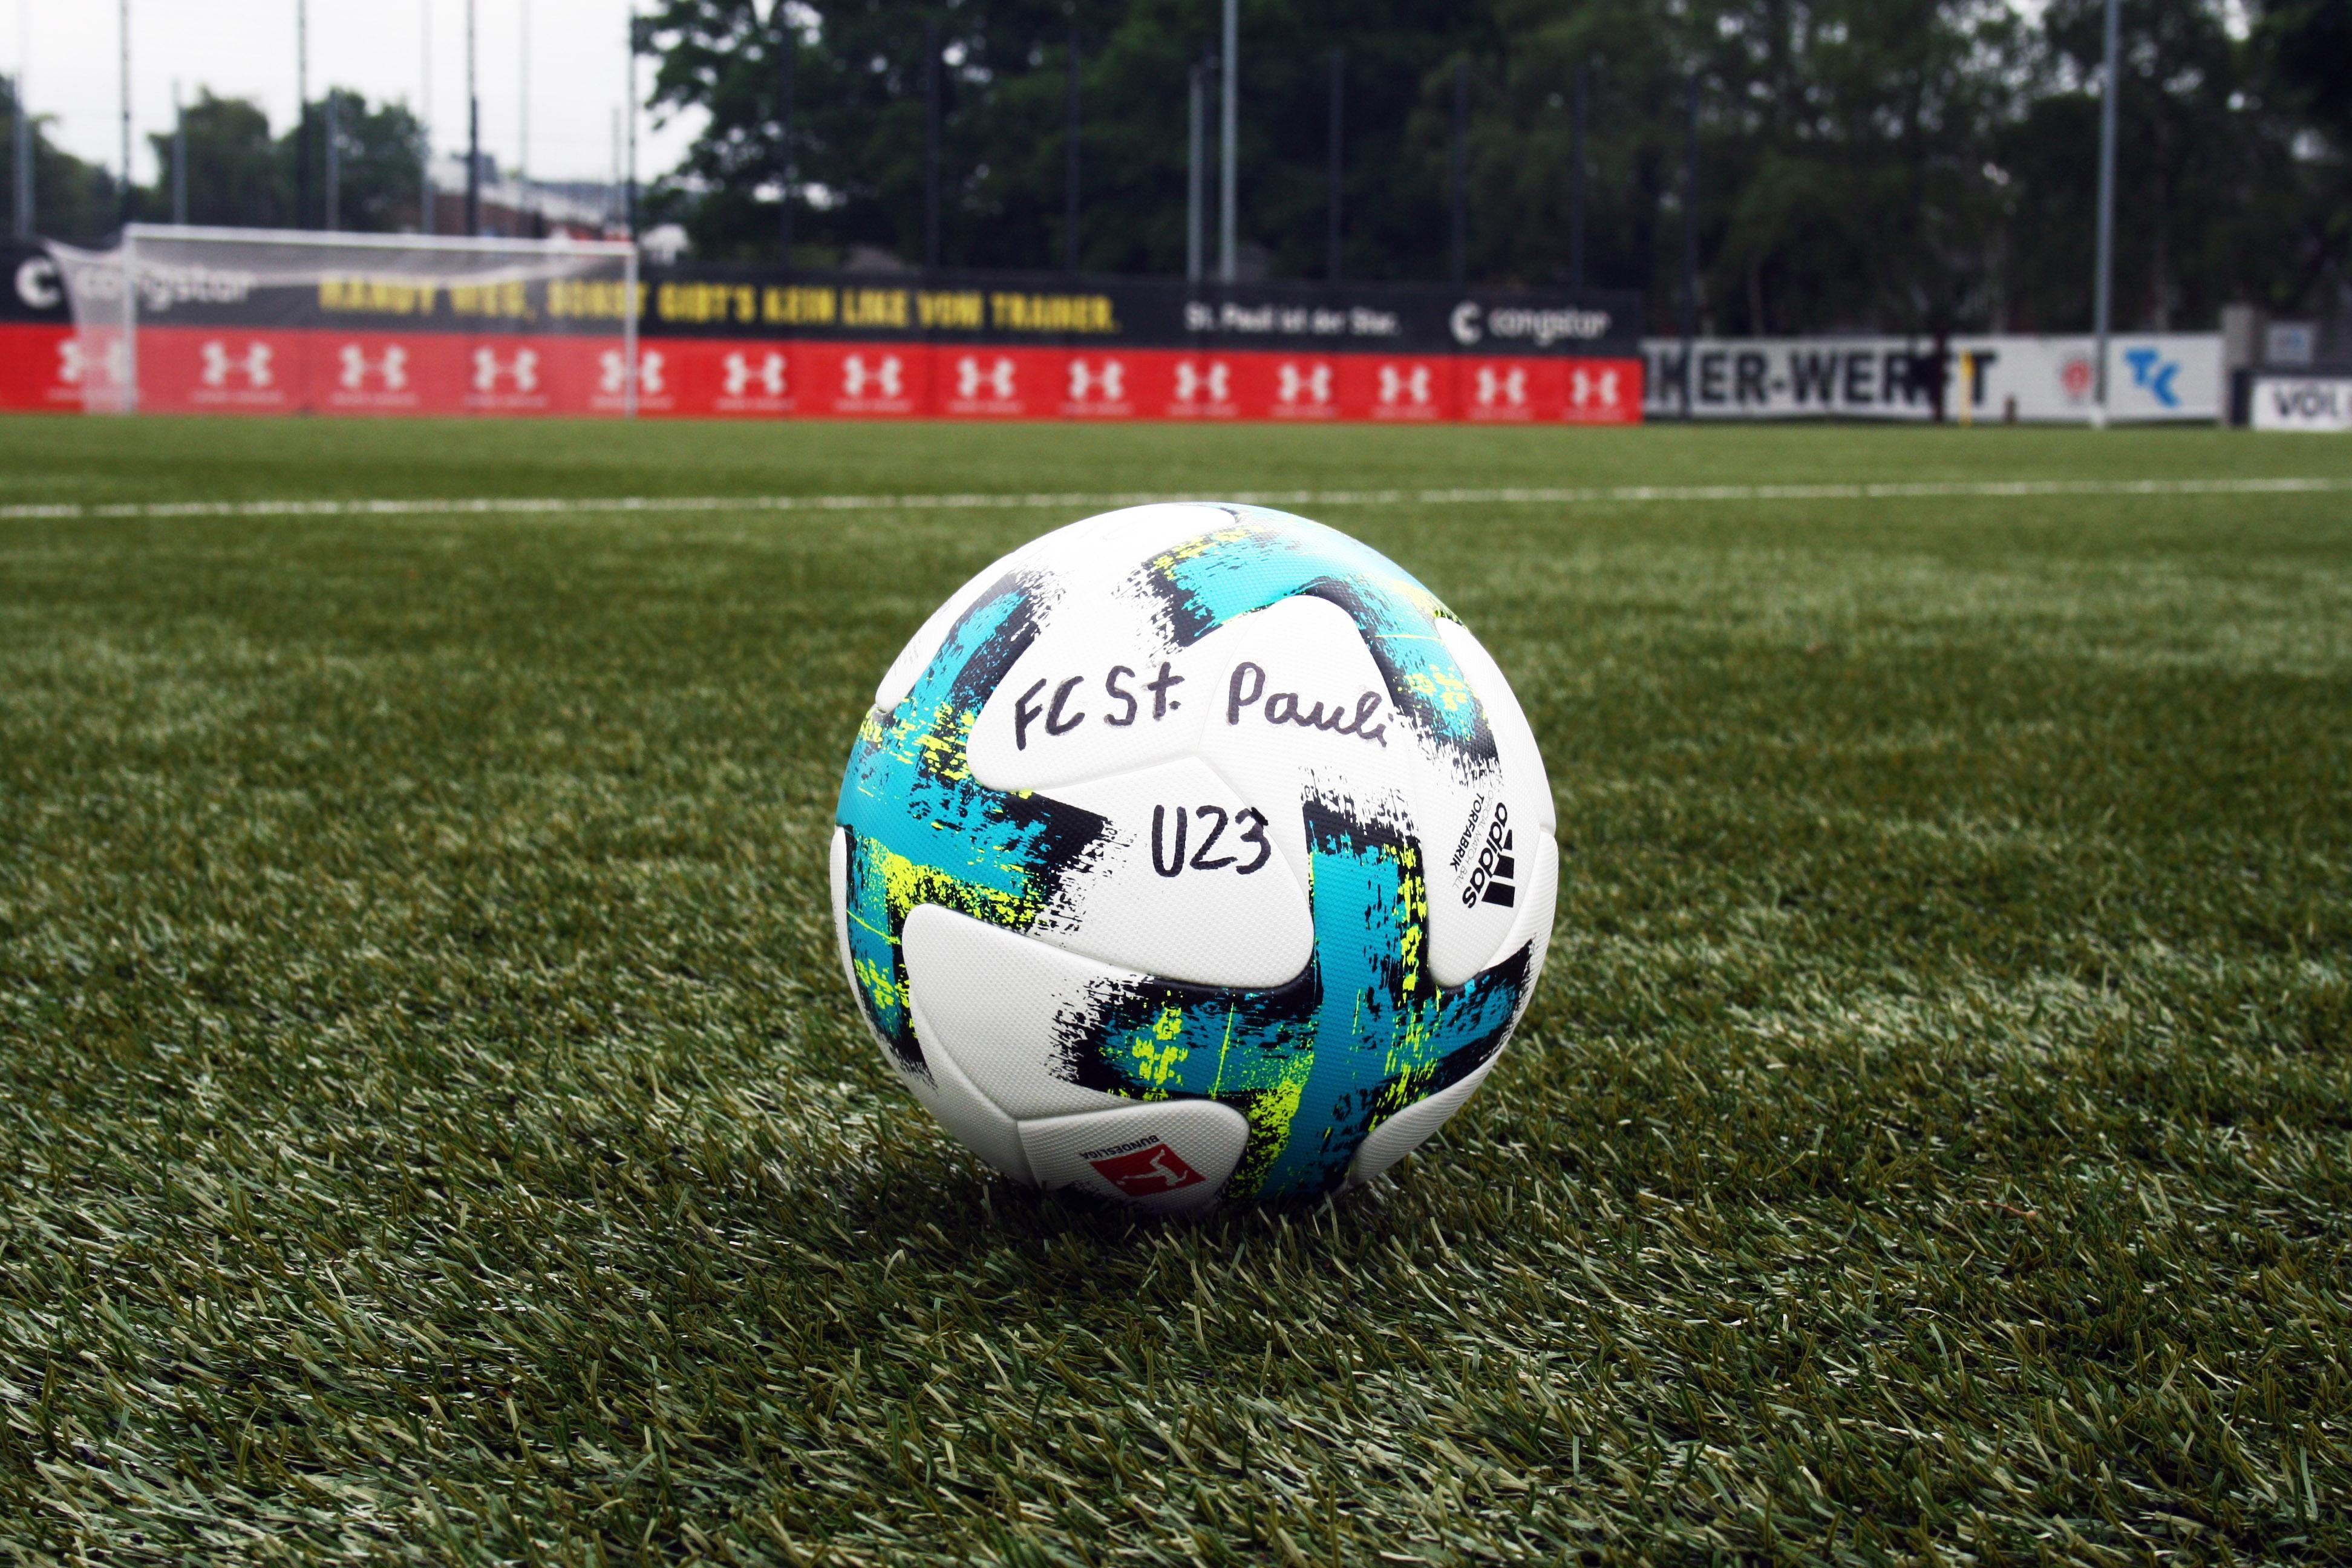 U23-Gastspiel bei Egestorf/Langreder neu terminiert